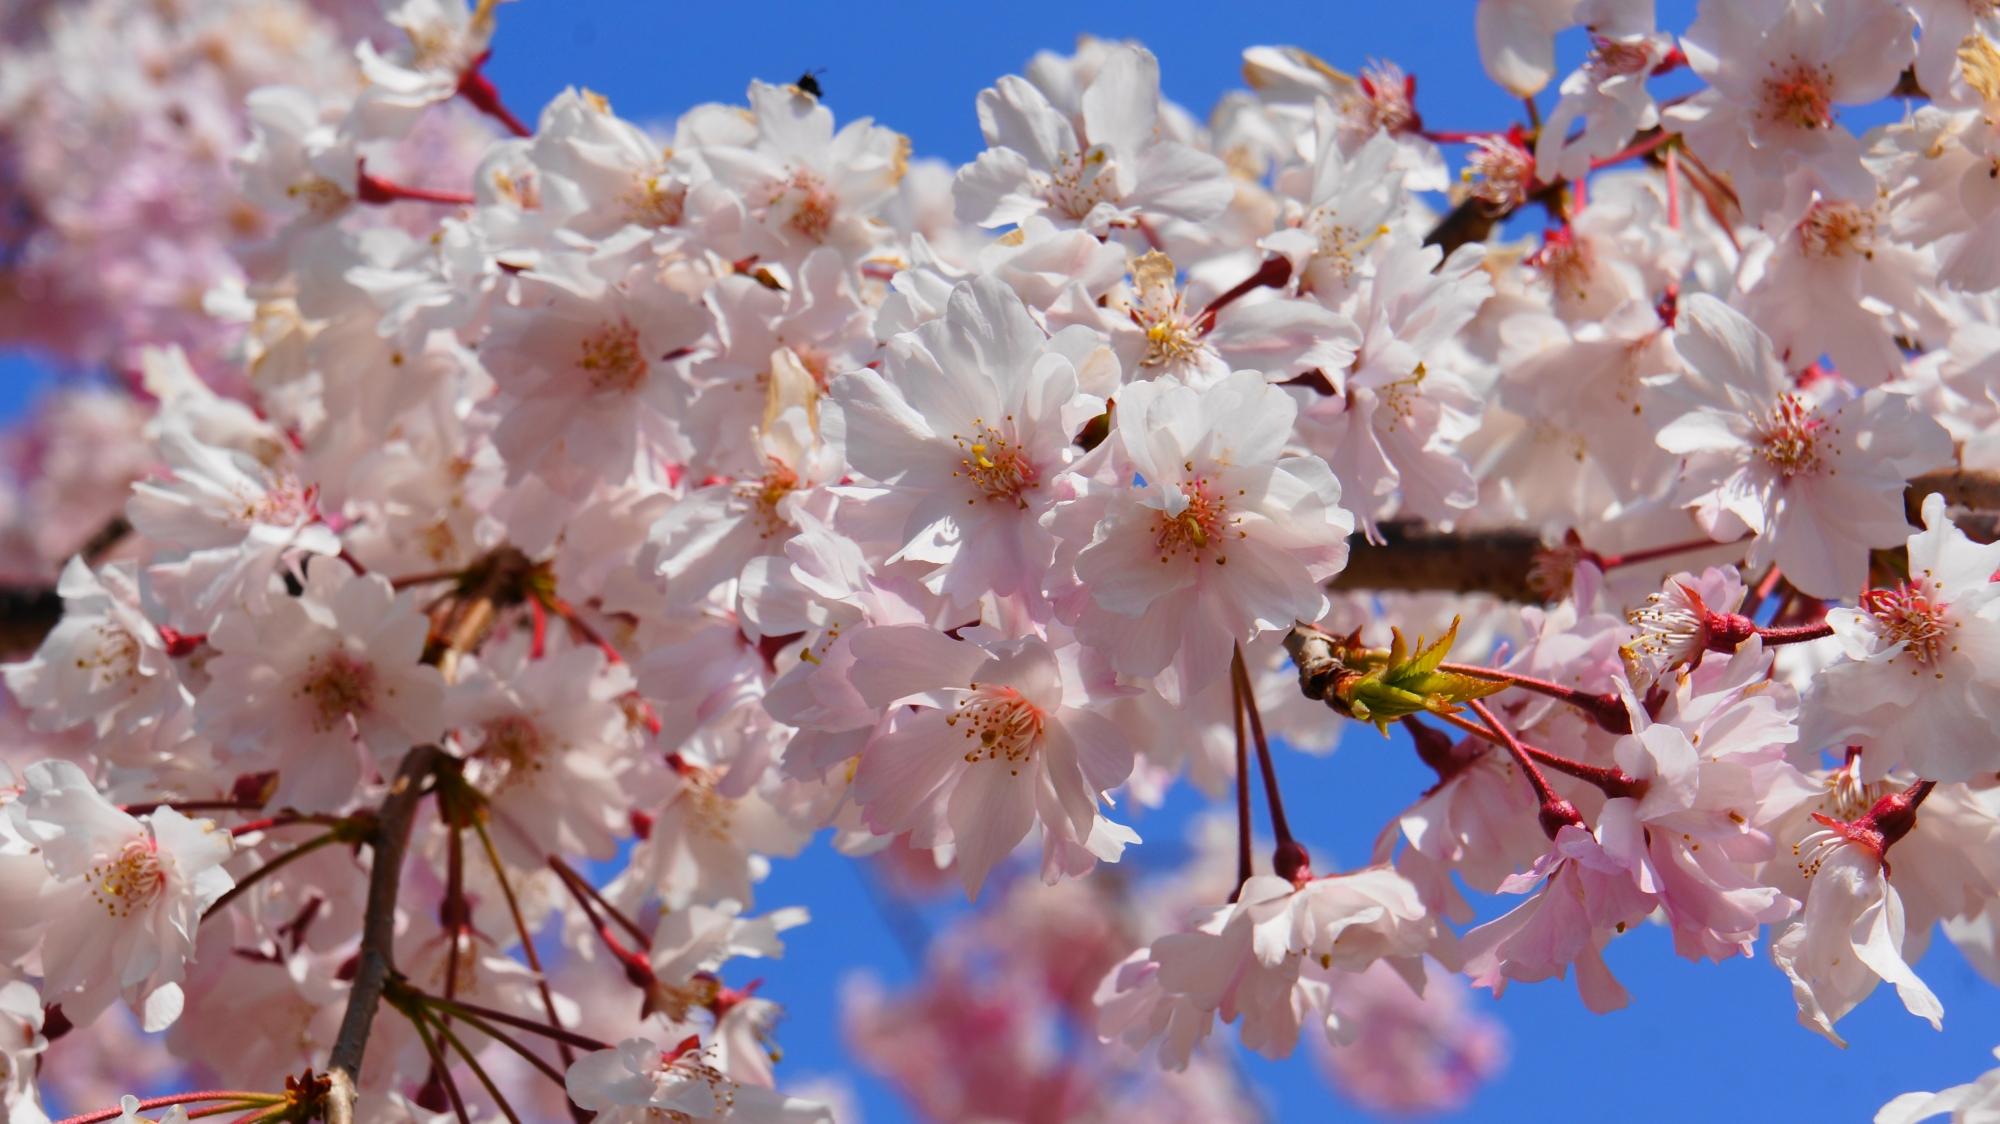 桜井公園の春を彩る見事な桜